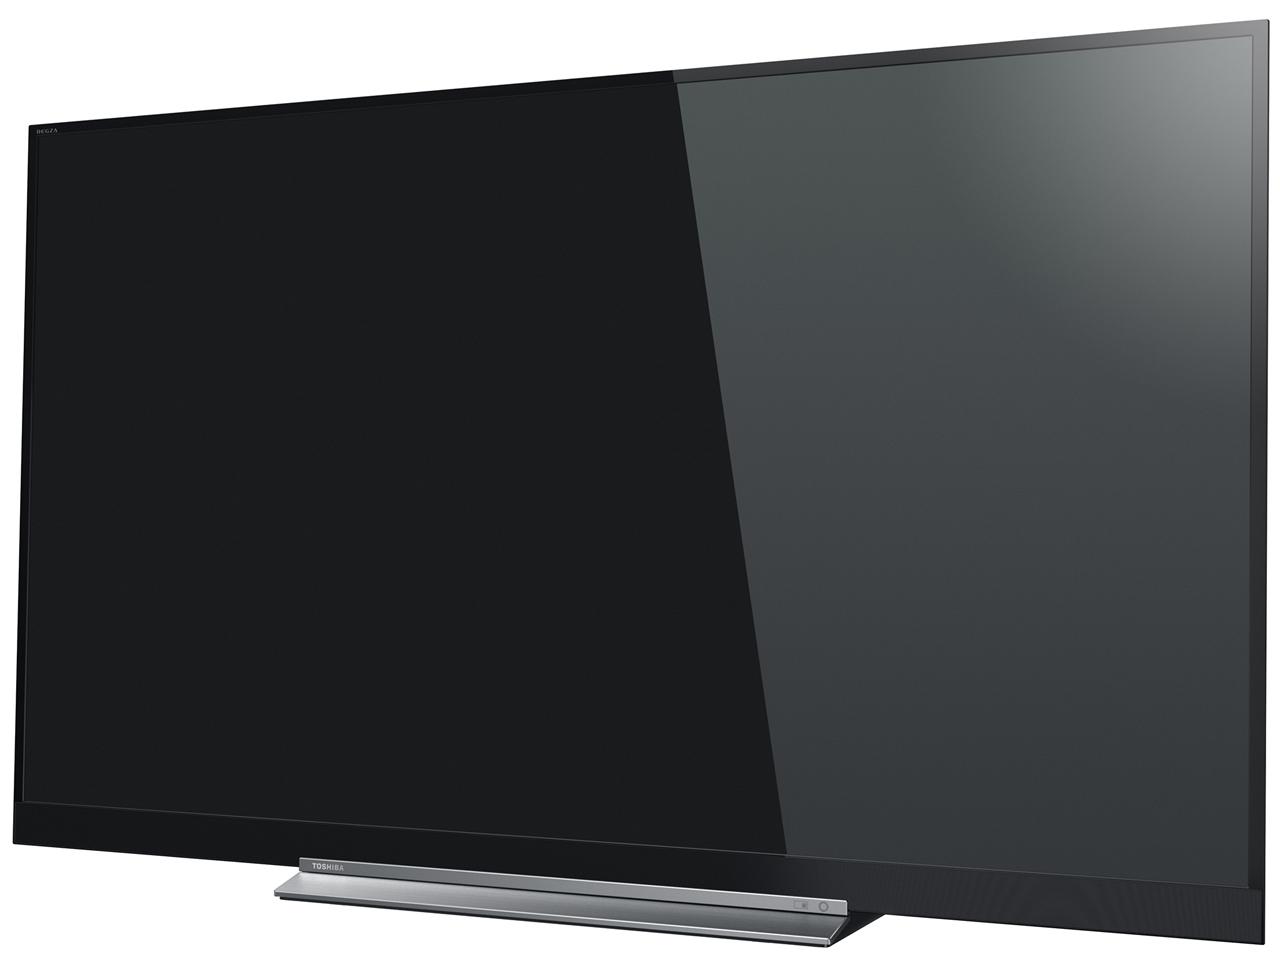 『本体 斜め』 REGZA 55BZ710X [55インチ] の製品画像